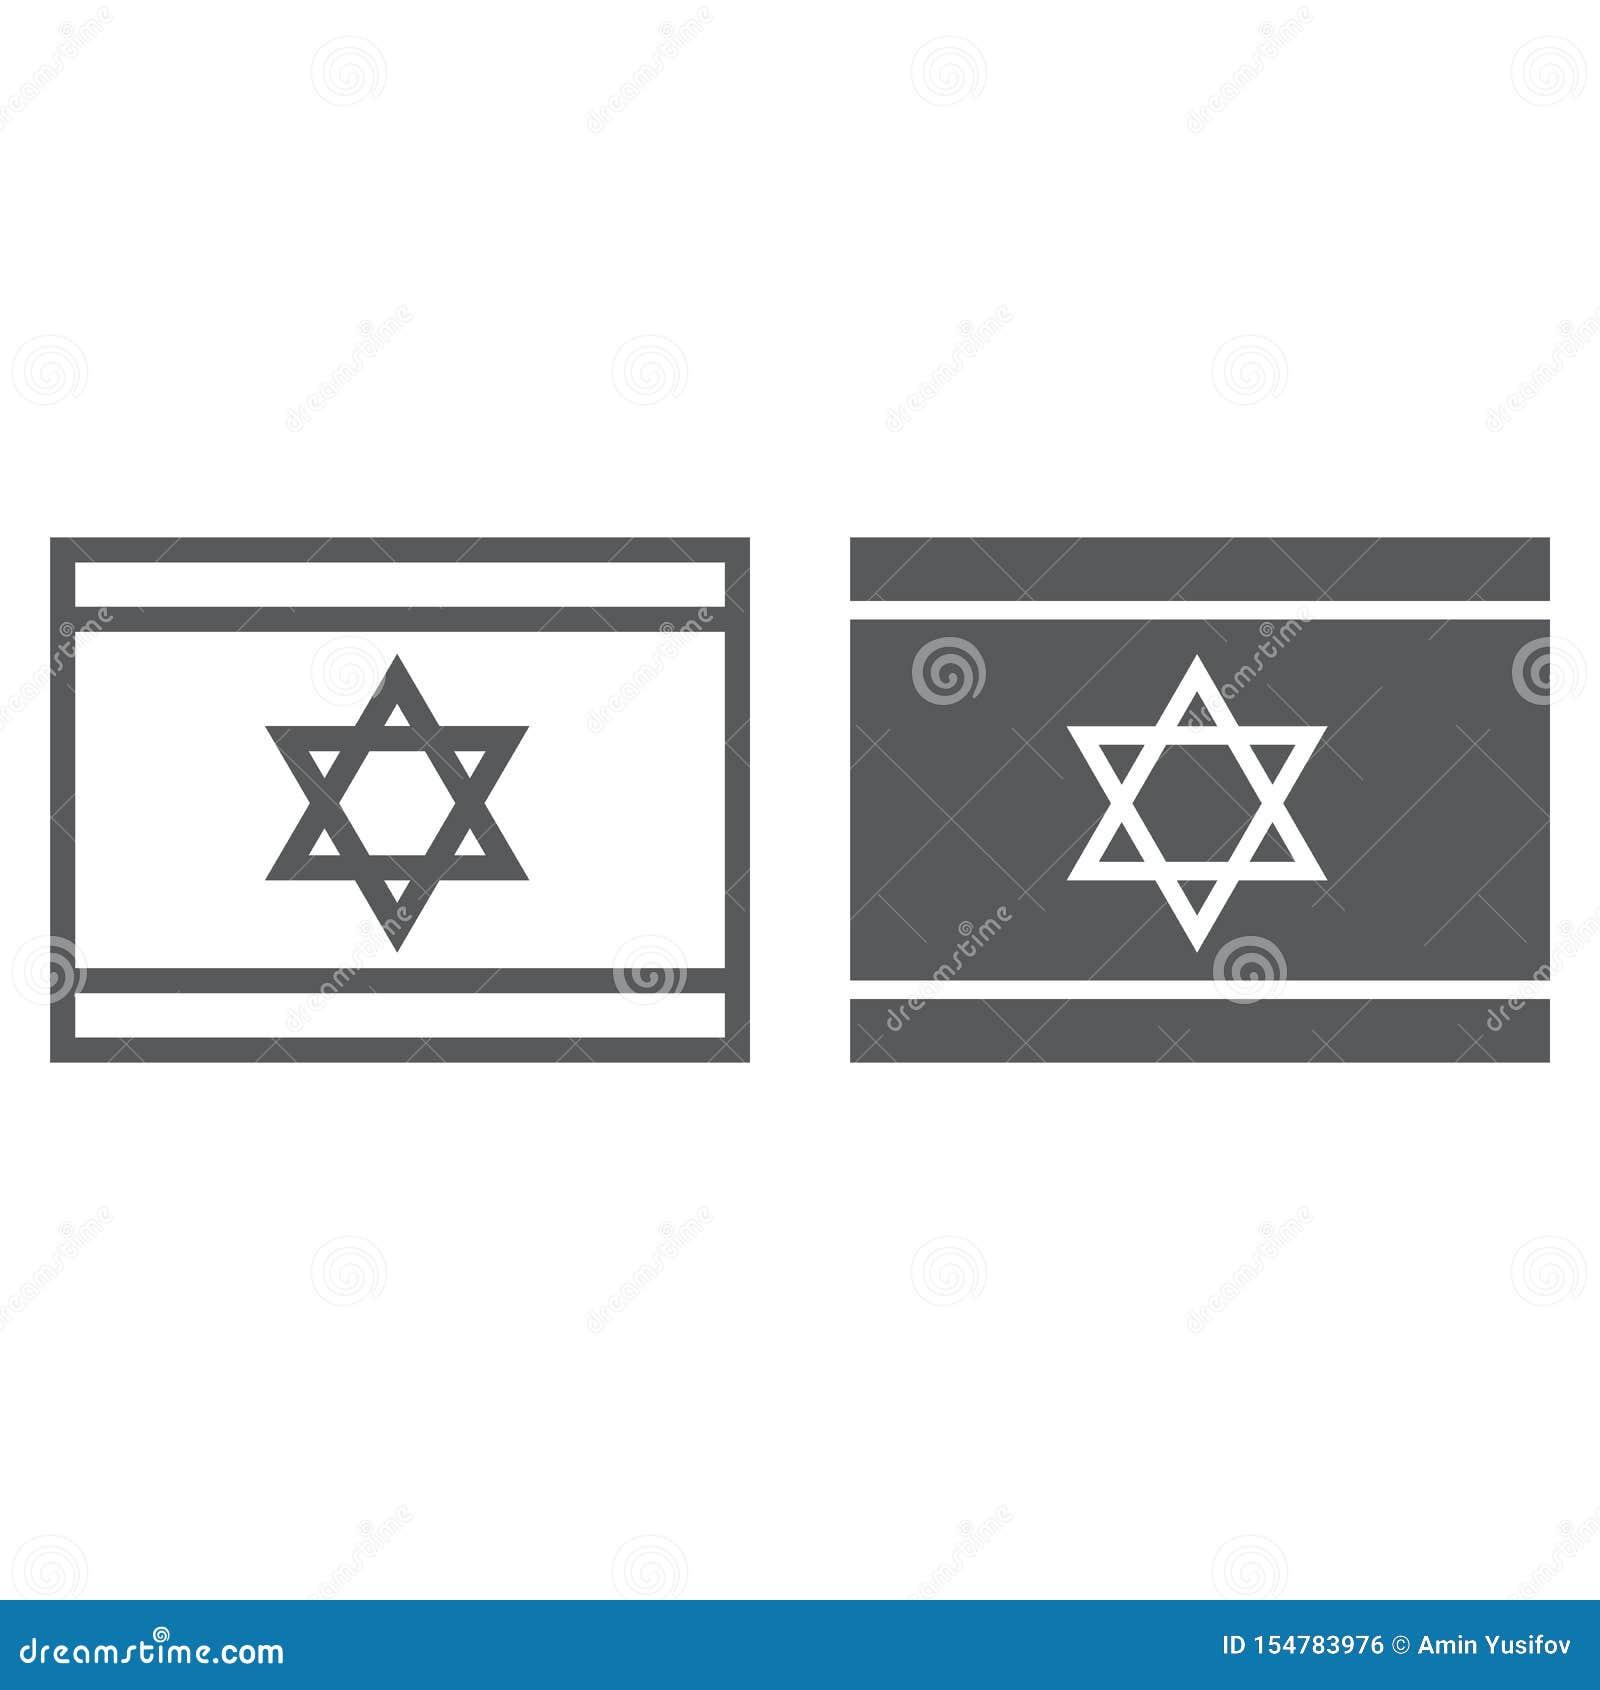 Γραμμή σημαιών του Ισραήλ και glyph εικονίδιο, εθνικός και χώρα, ισραηλινό σημάδι σημαιών, διανυσματική γραφική παράσταση, ένα γρ